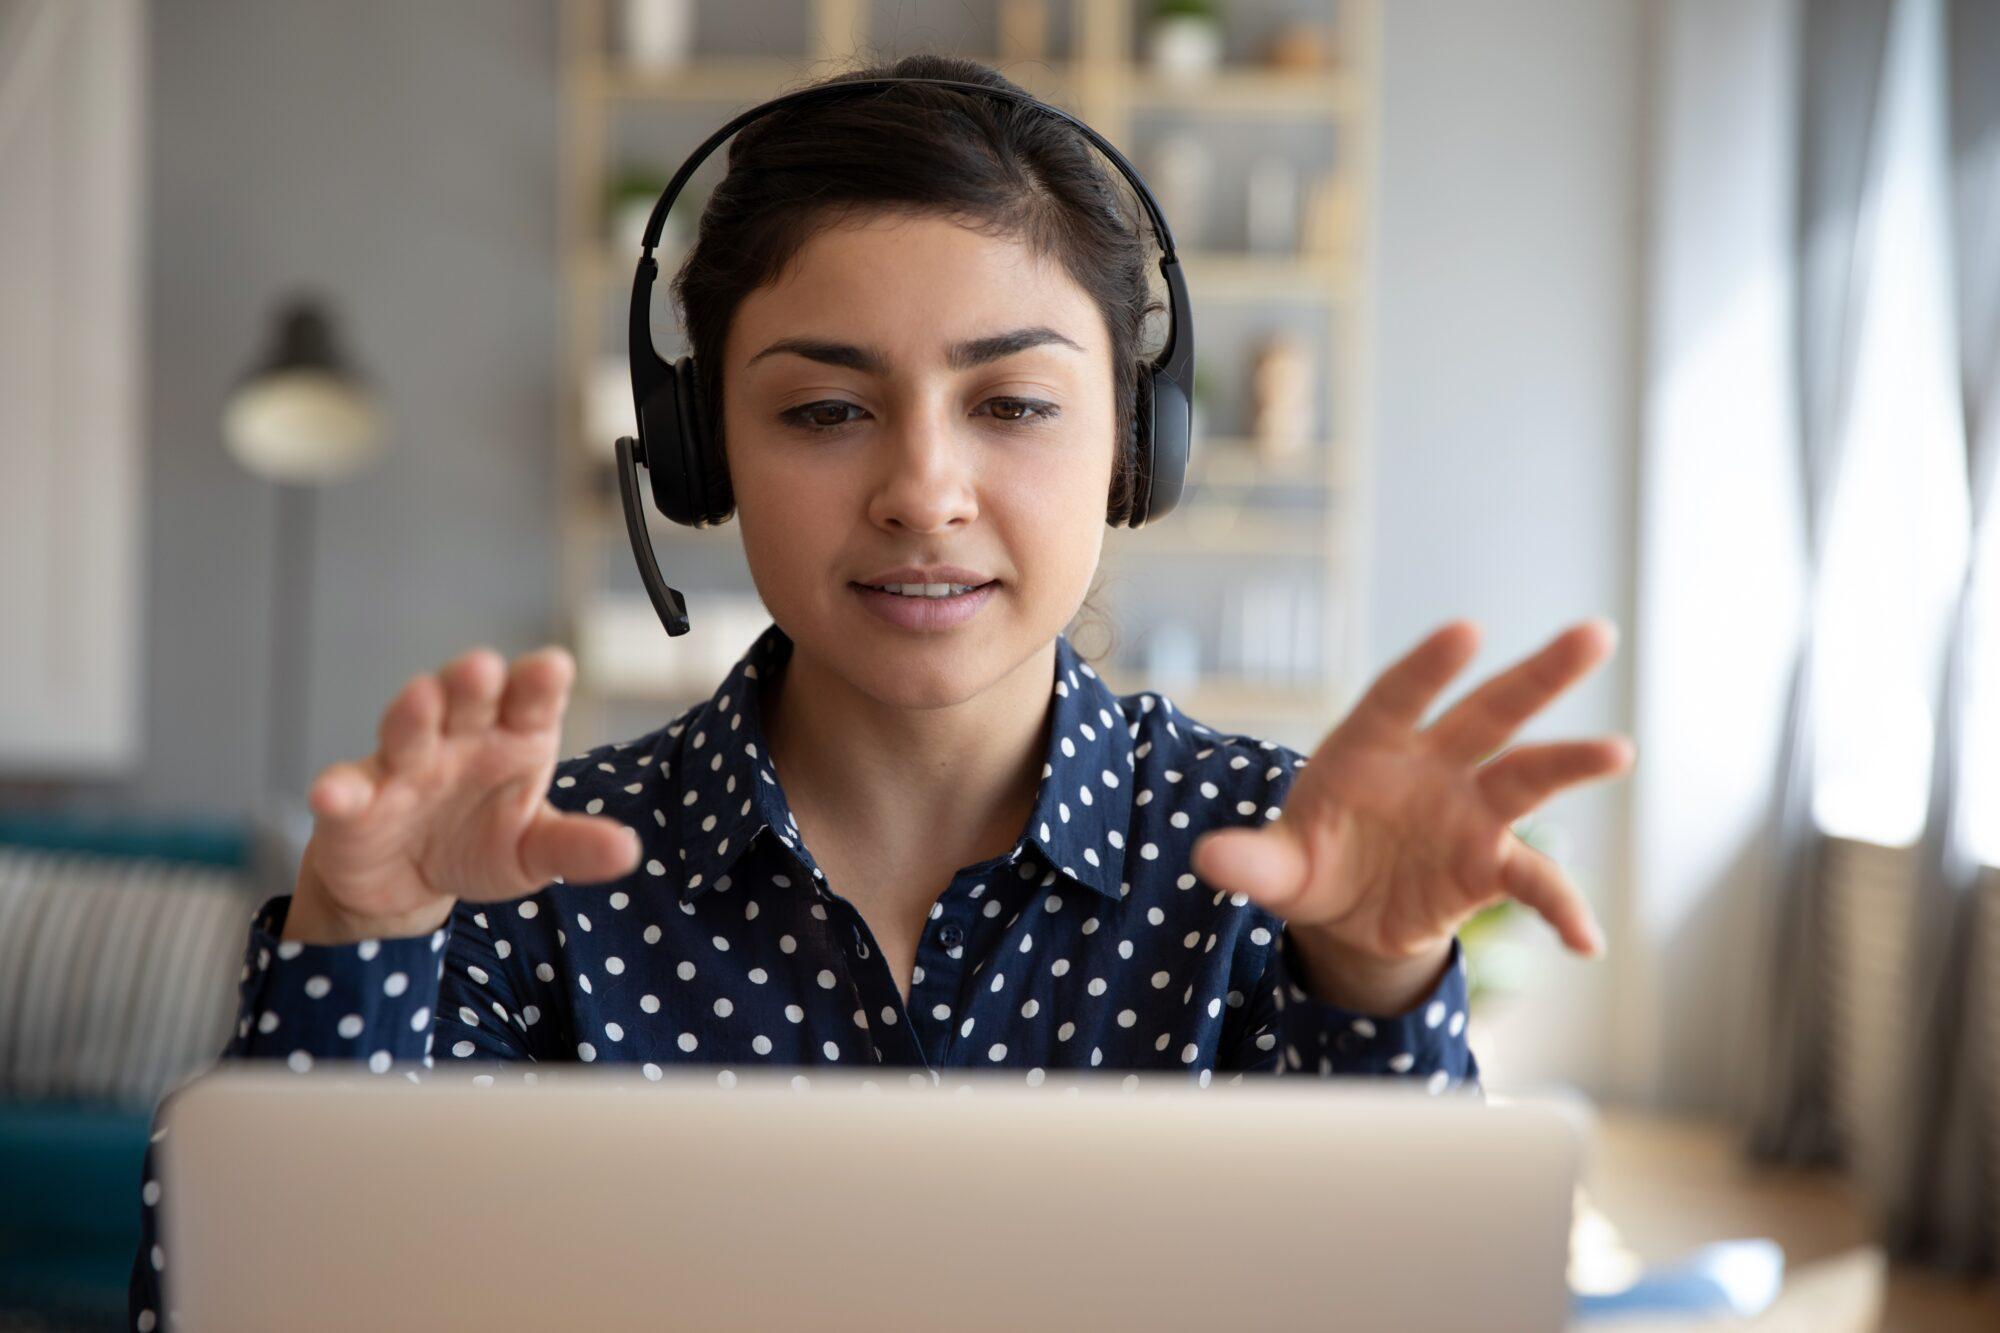 86% van de werknemers is tevreden over de interne communicatie van hun organisatie tijdens de coronacrisis